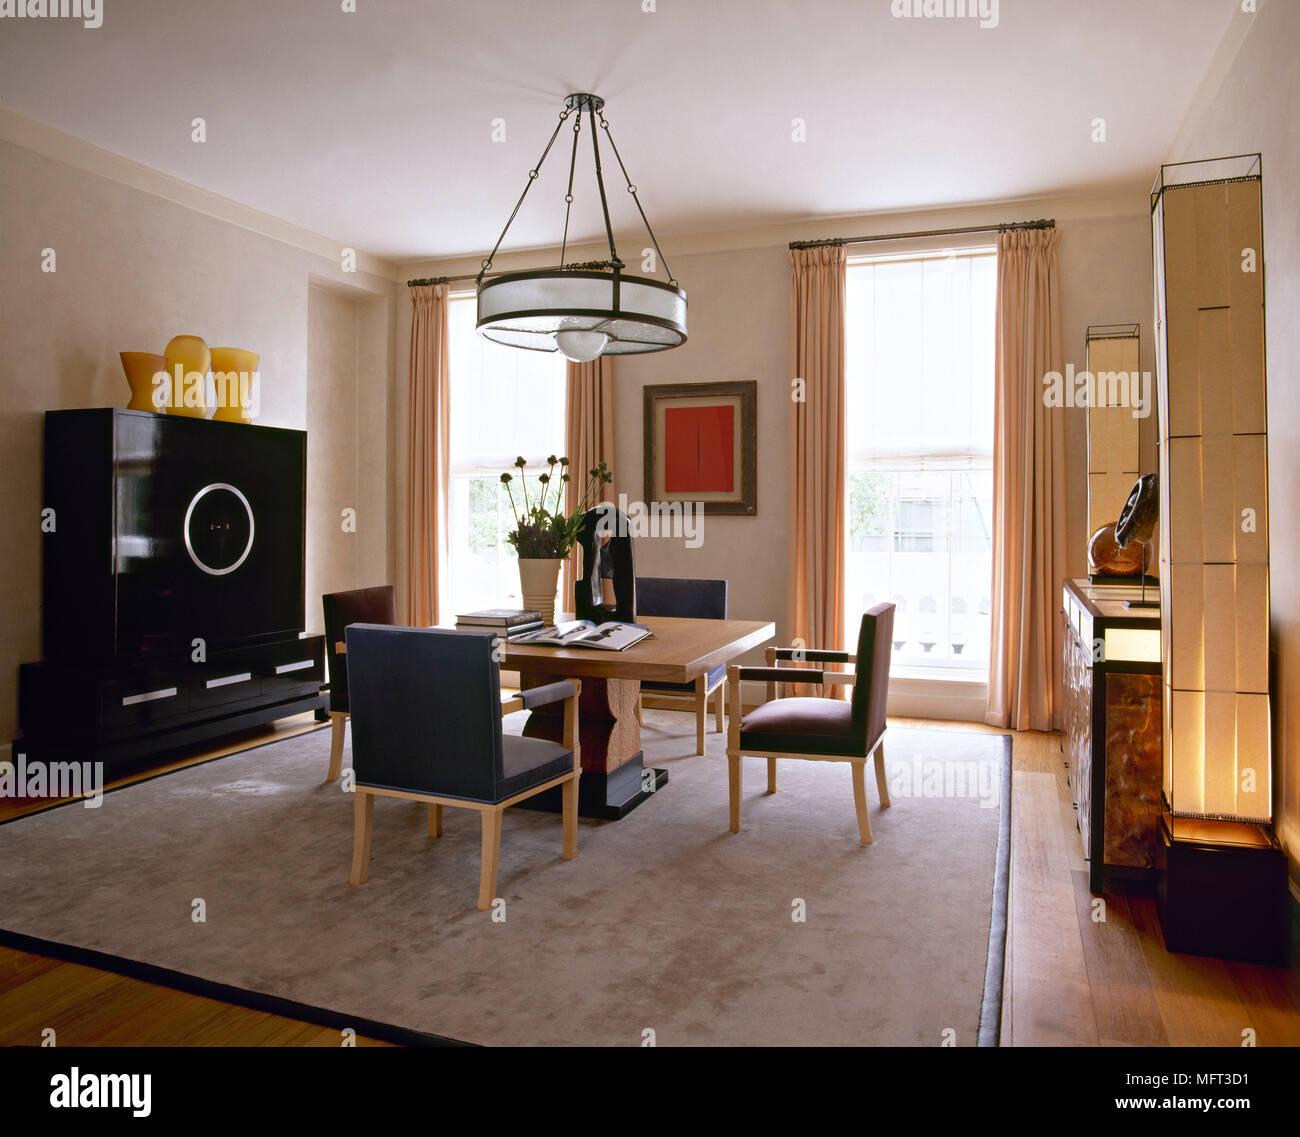 Moderne Esszimmer Holz Tisch Gepolsterte Stuhle Teppich Vorhange